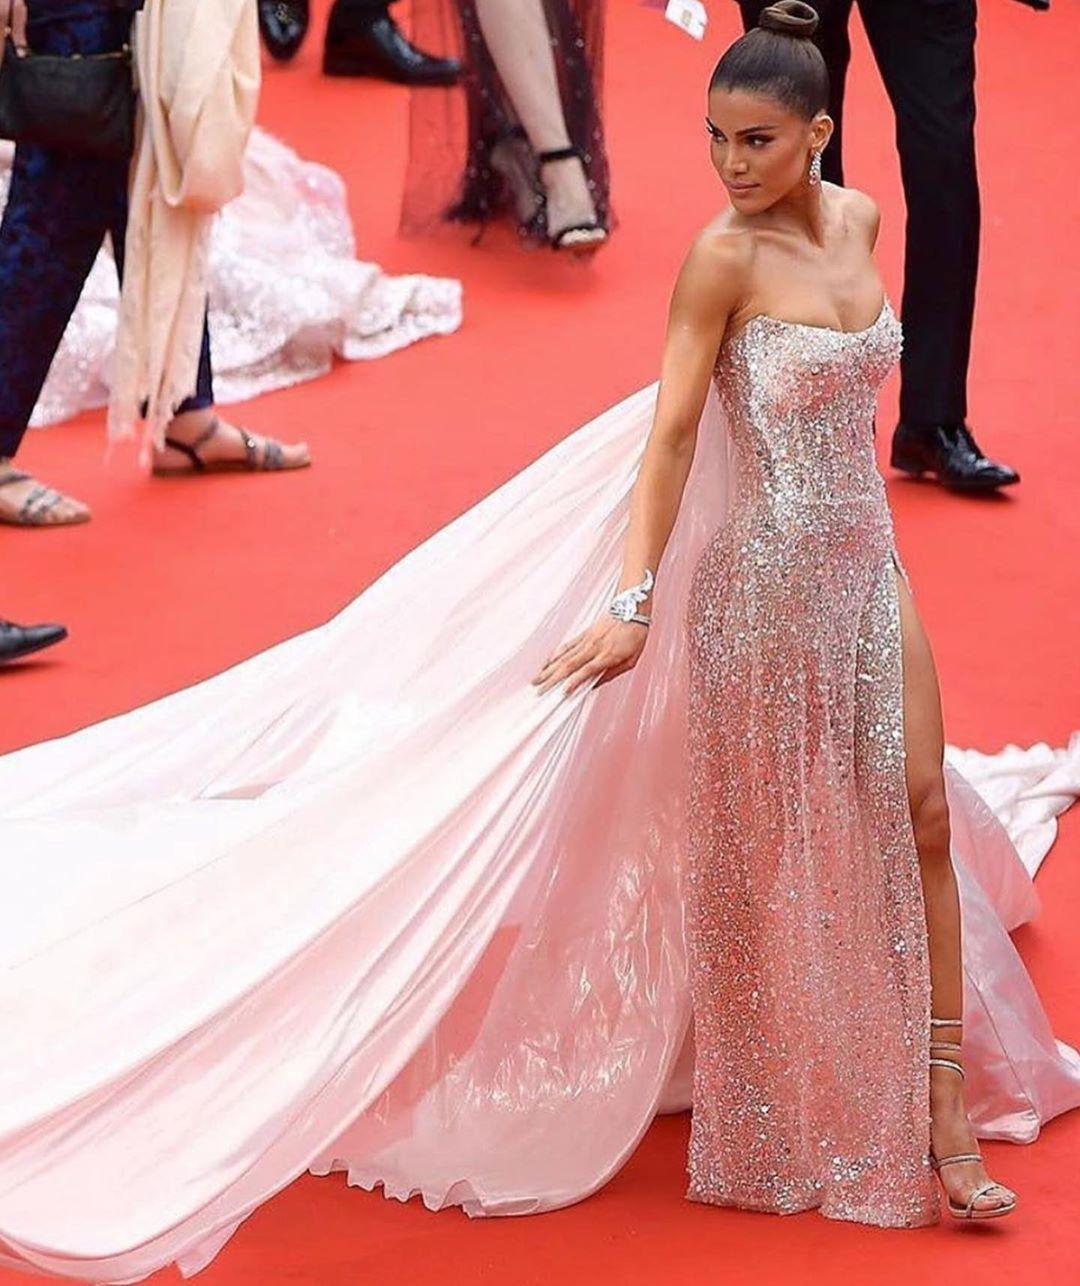 Camila-Coelho-at-Cannes-20196.jpg